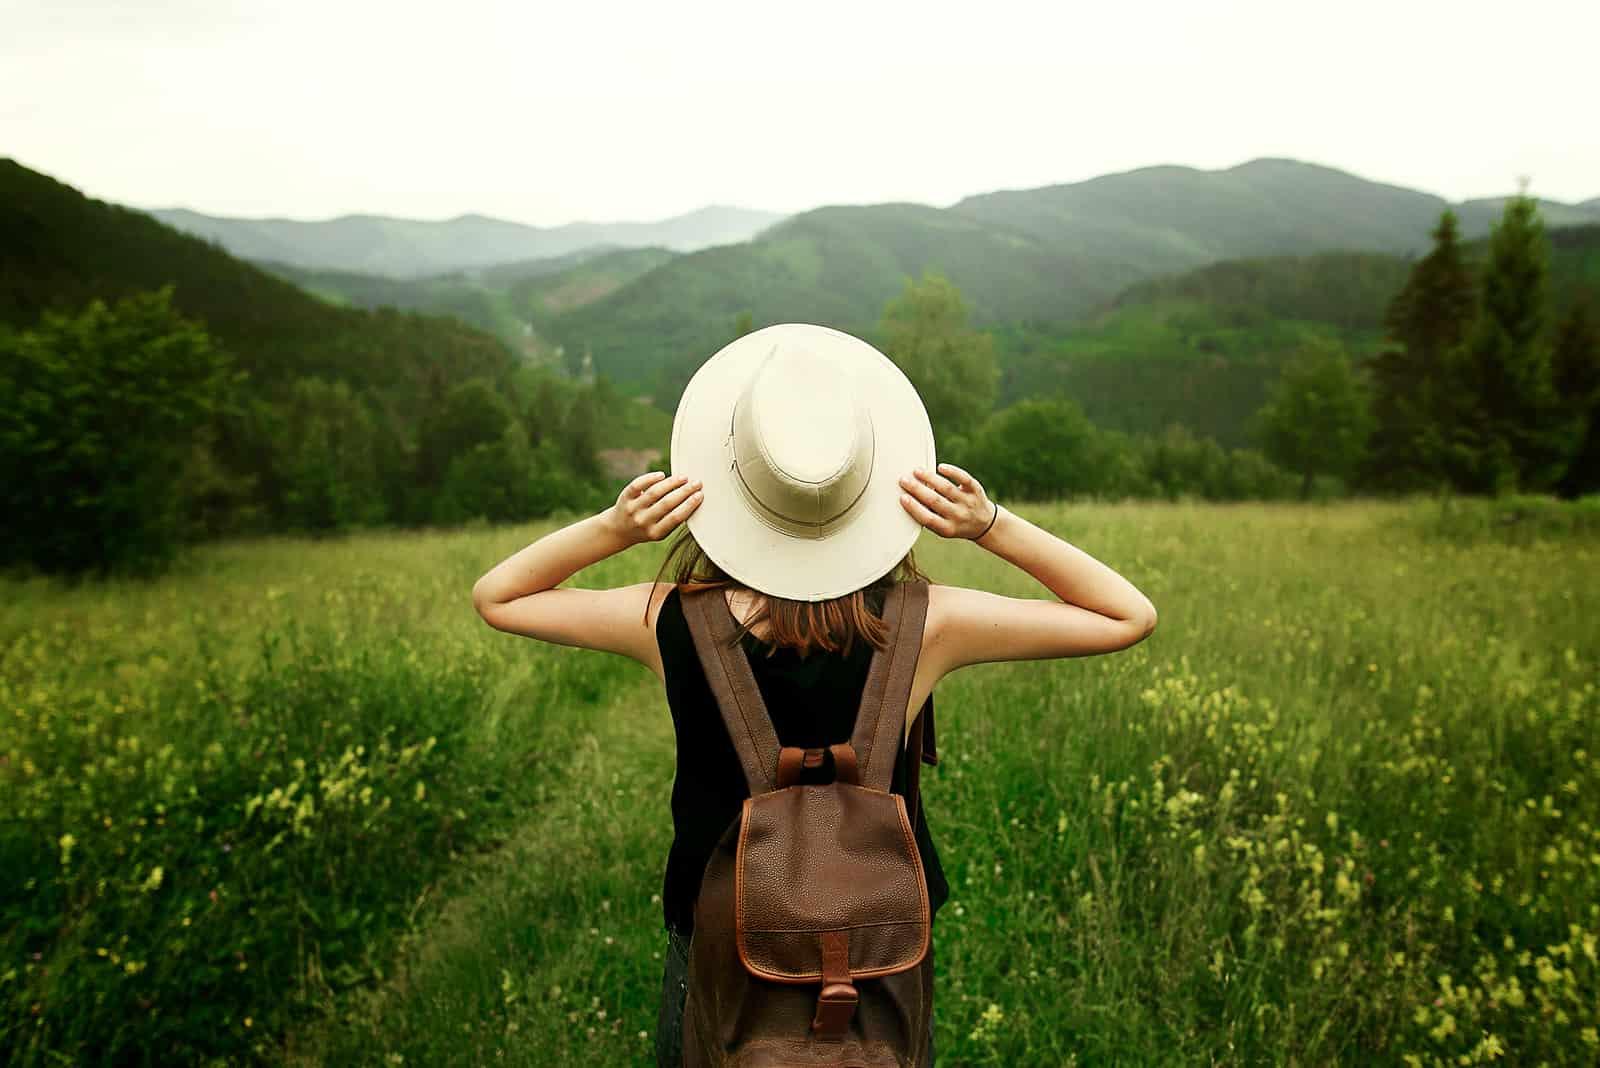 kvinna resenär med ryggsäck håller hatt och tittar på fantastiska berg och skog